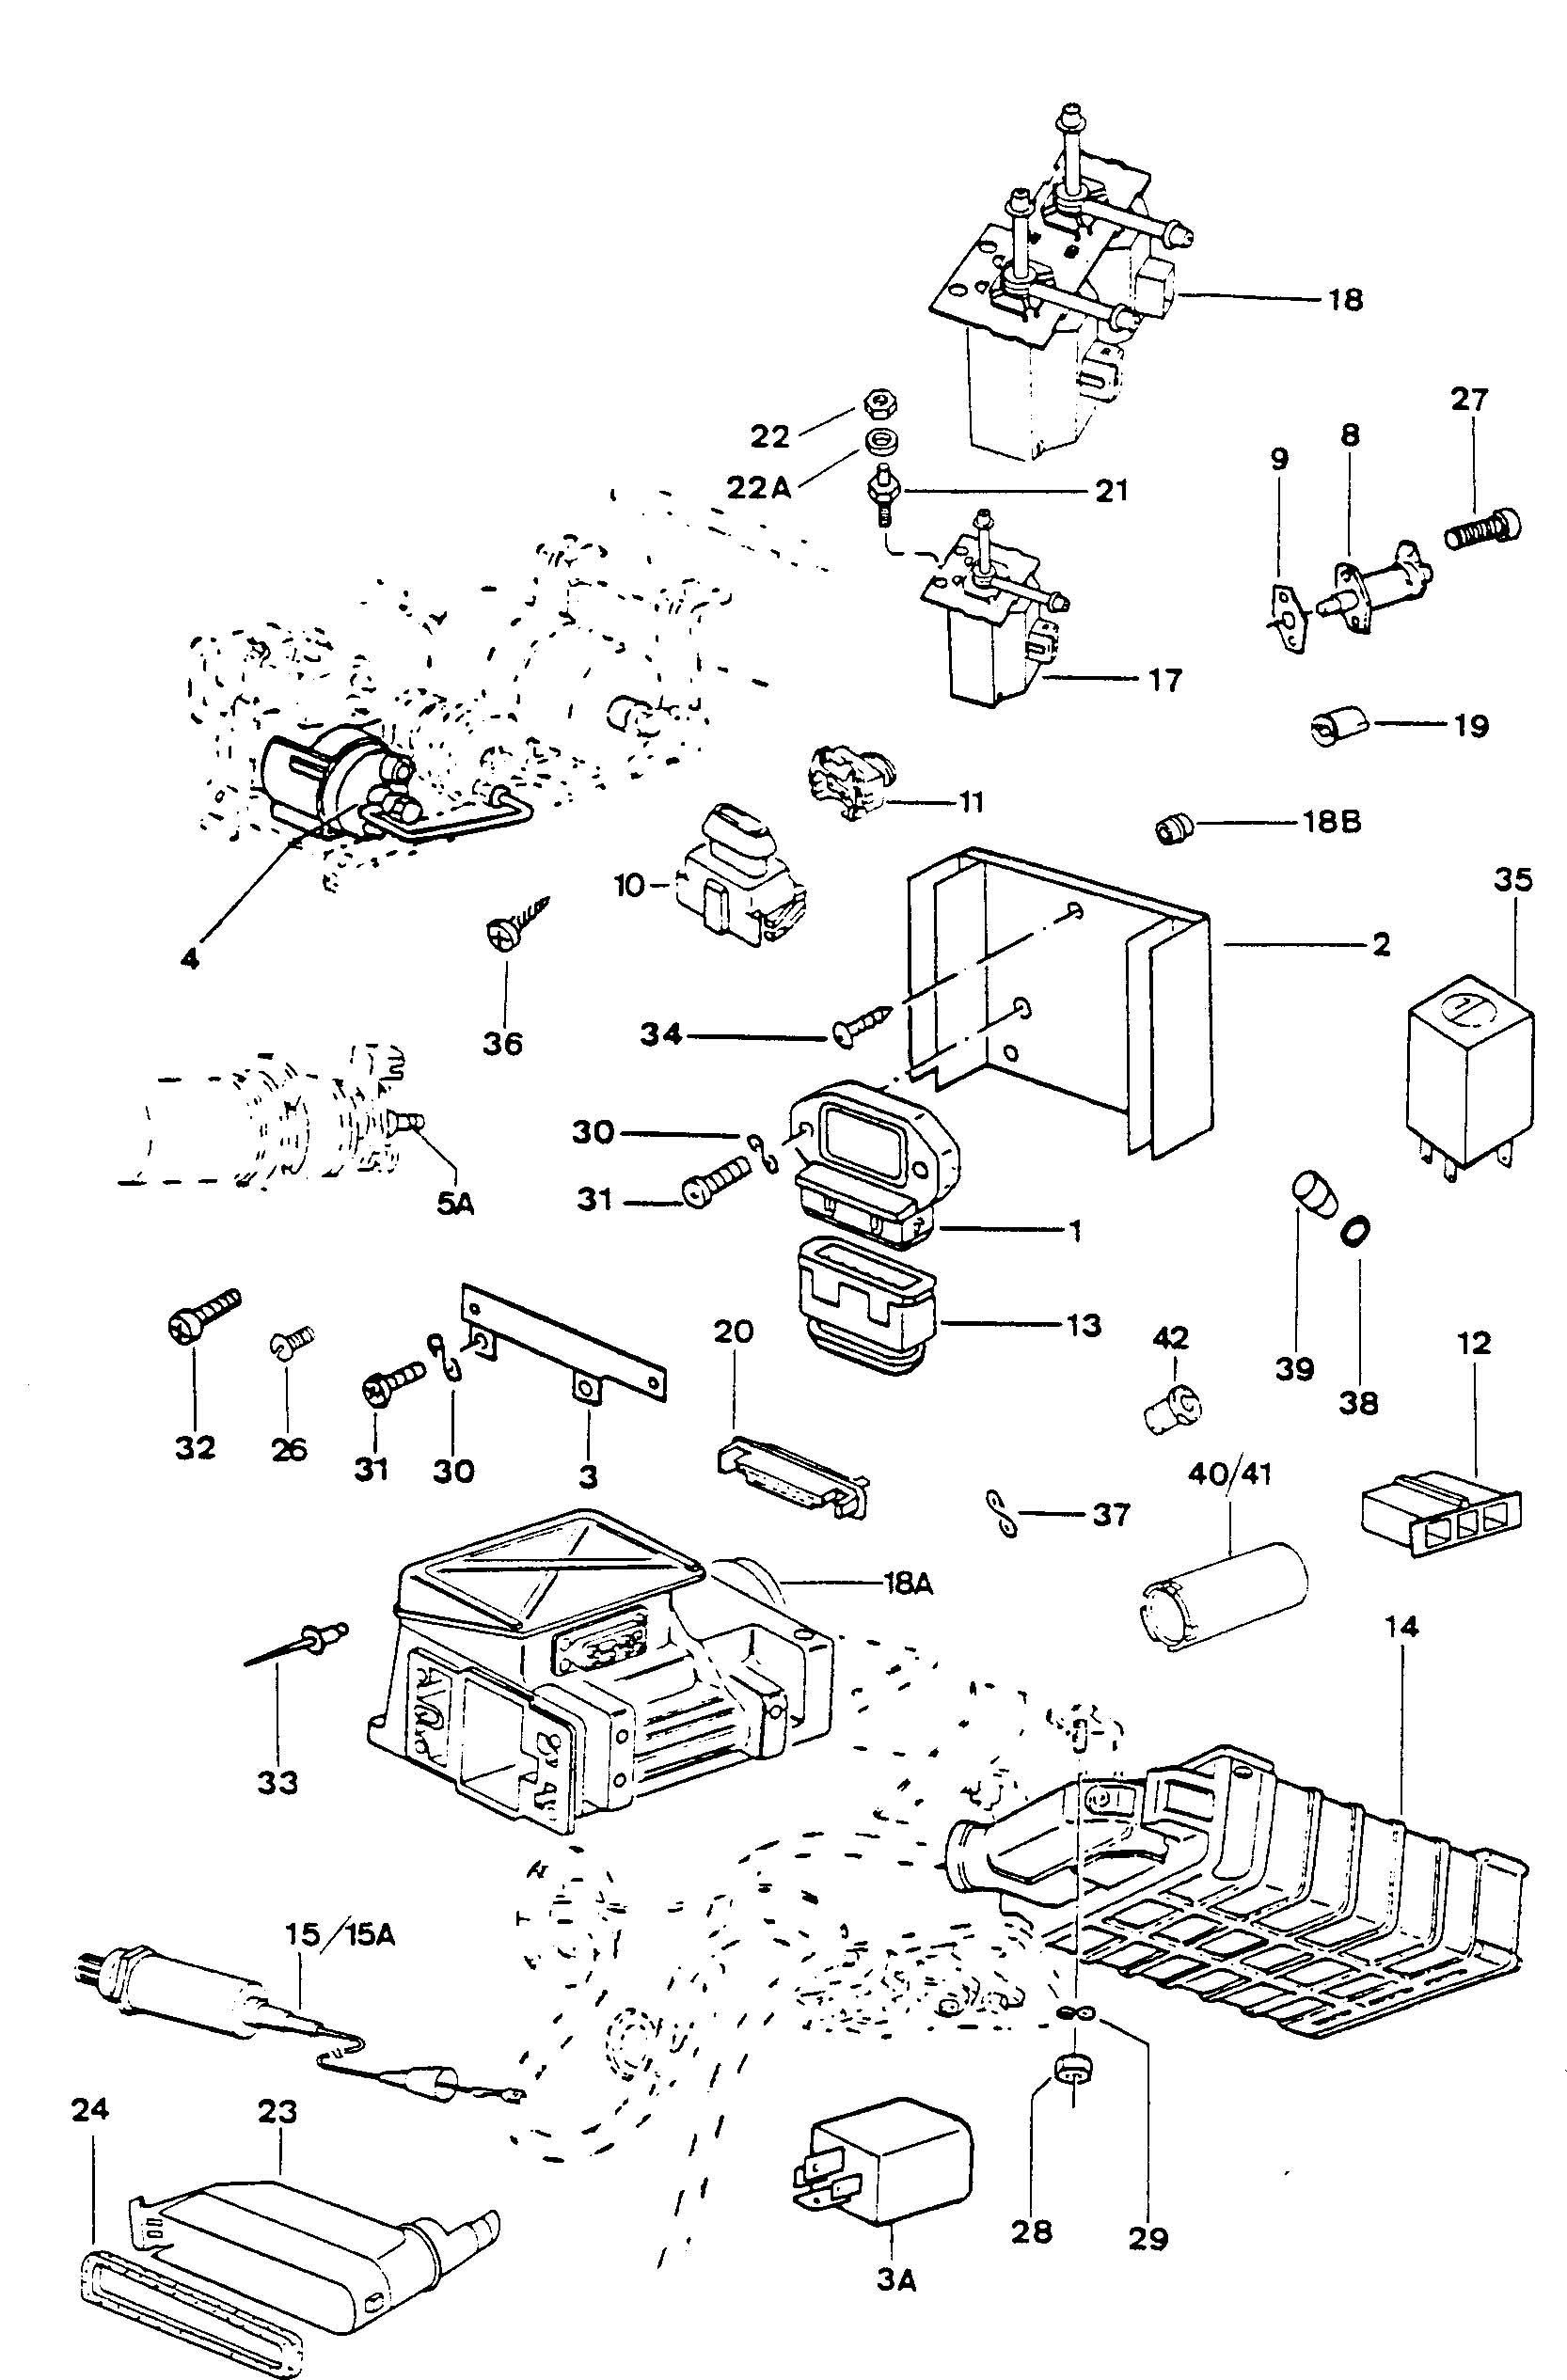 Volvo 1985 Dl 240 Wiring Harness. Volvo. Auto Wiring Diagram